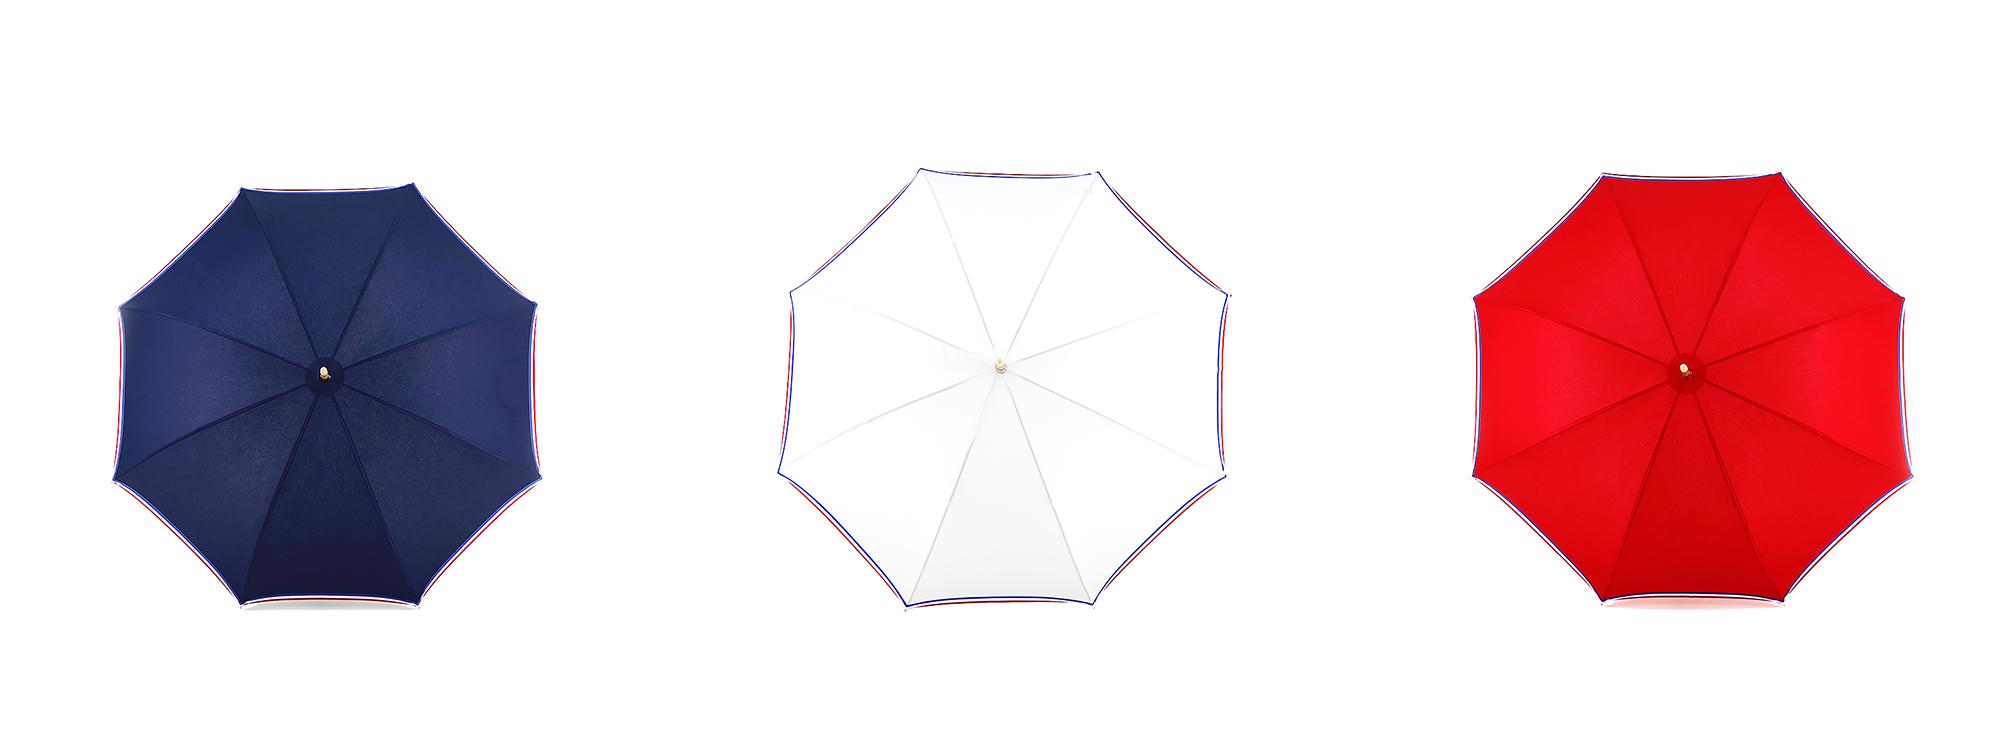 L'Histoire du Parapluie, une Invention Français